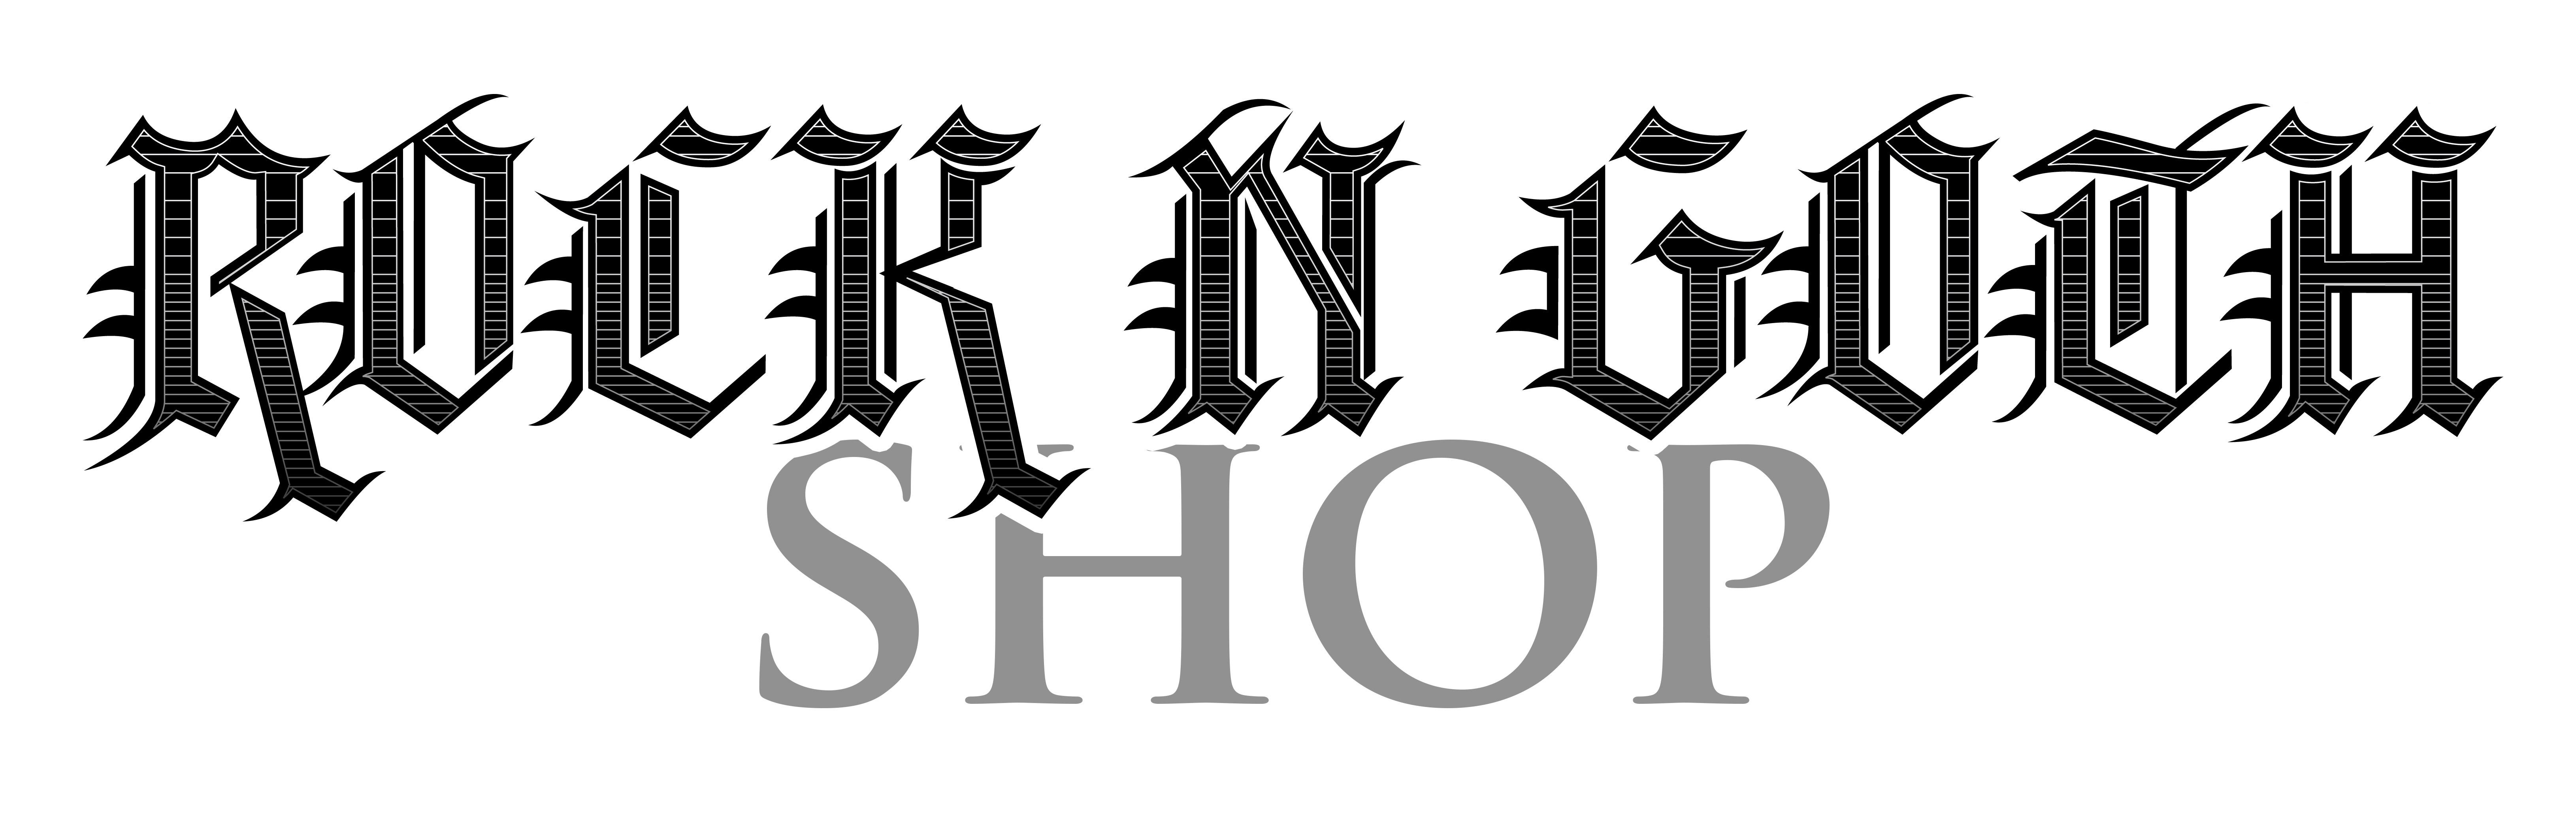 rng-logo-for-web.jpg